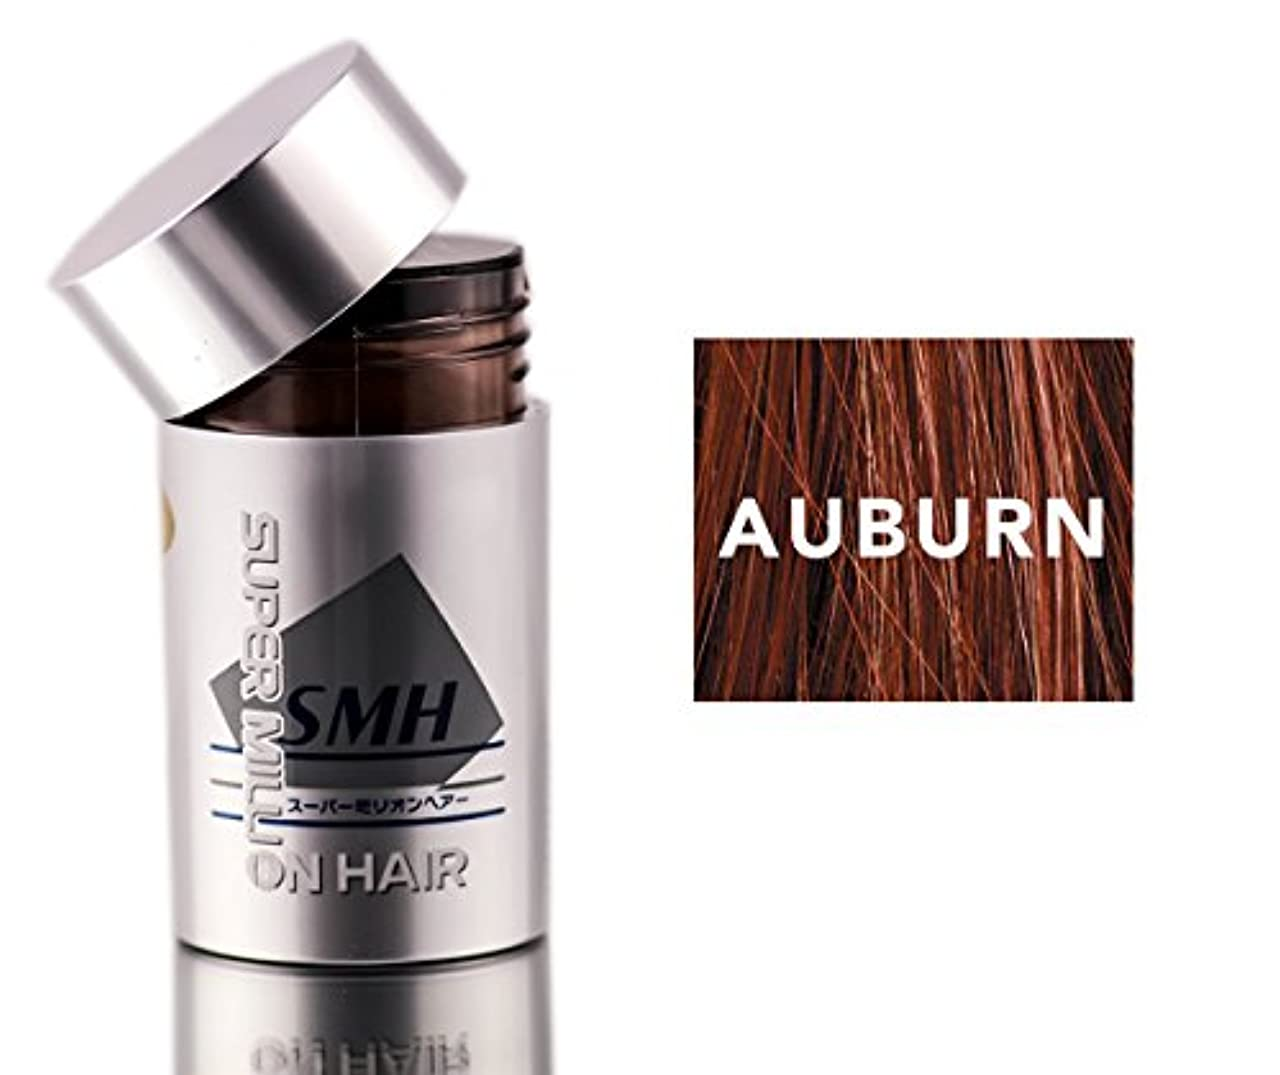 リスナーアルカイックシールドSuper Million Hair 強化繊維が20gr。 - オーバーン